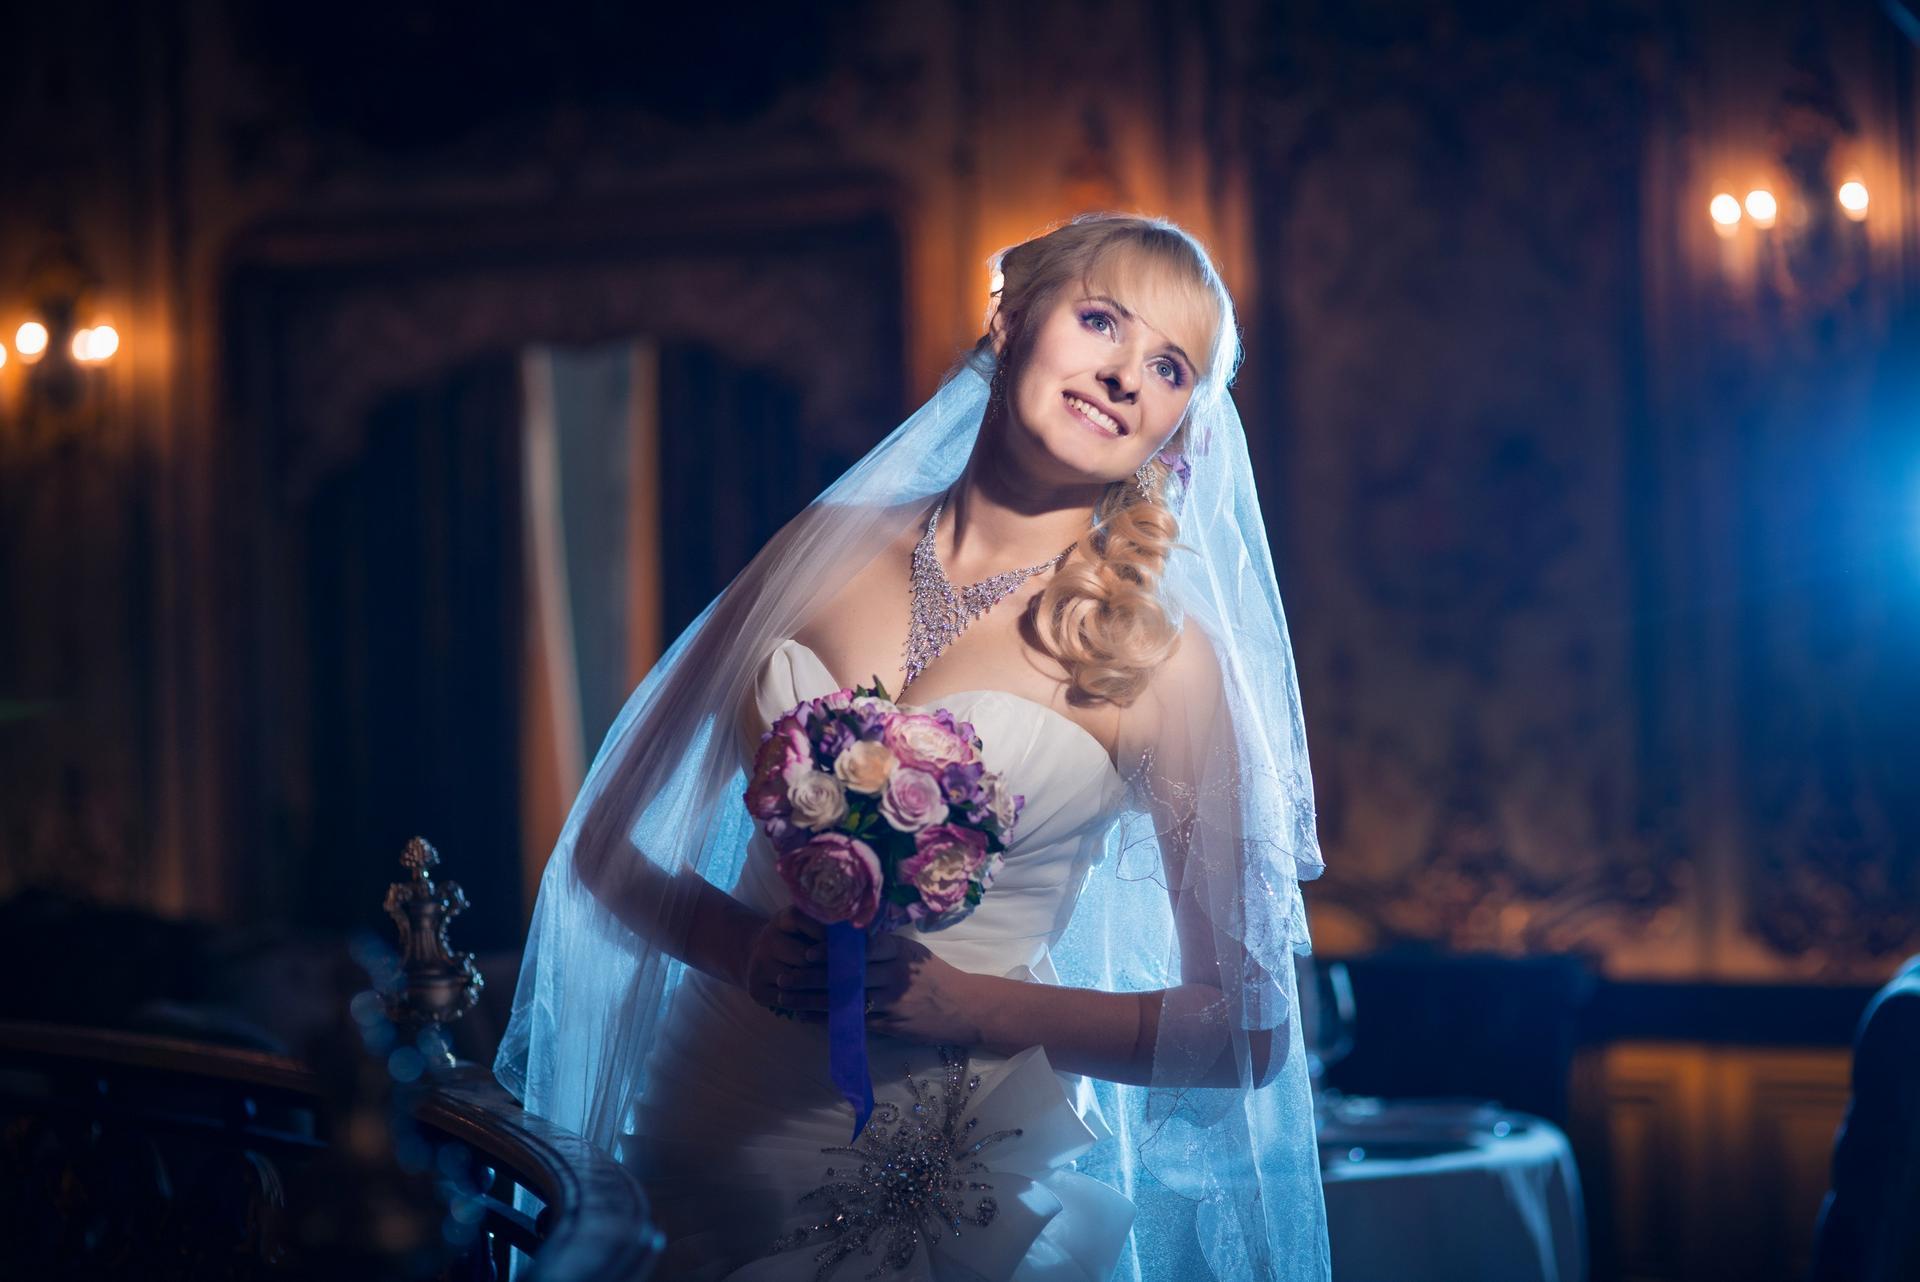 профессиональное свадебное фото